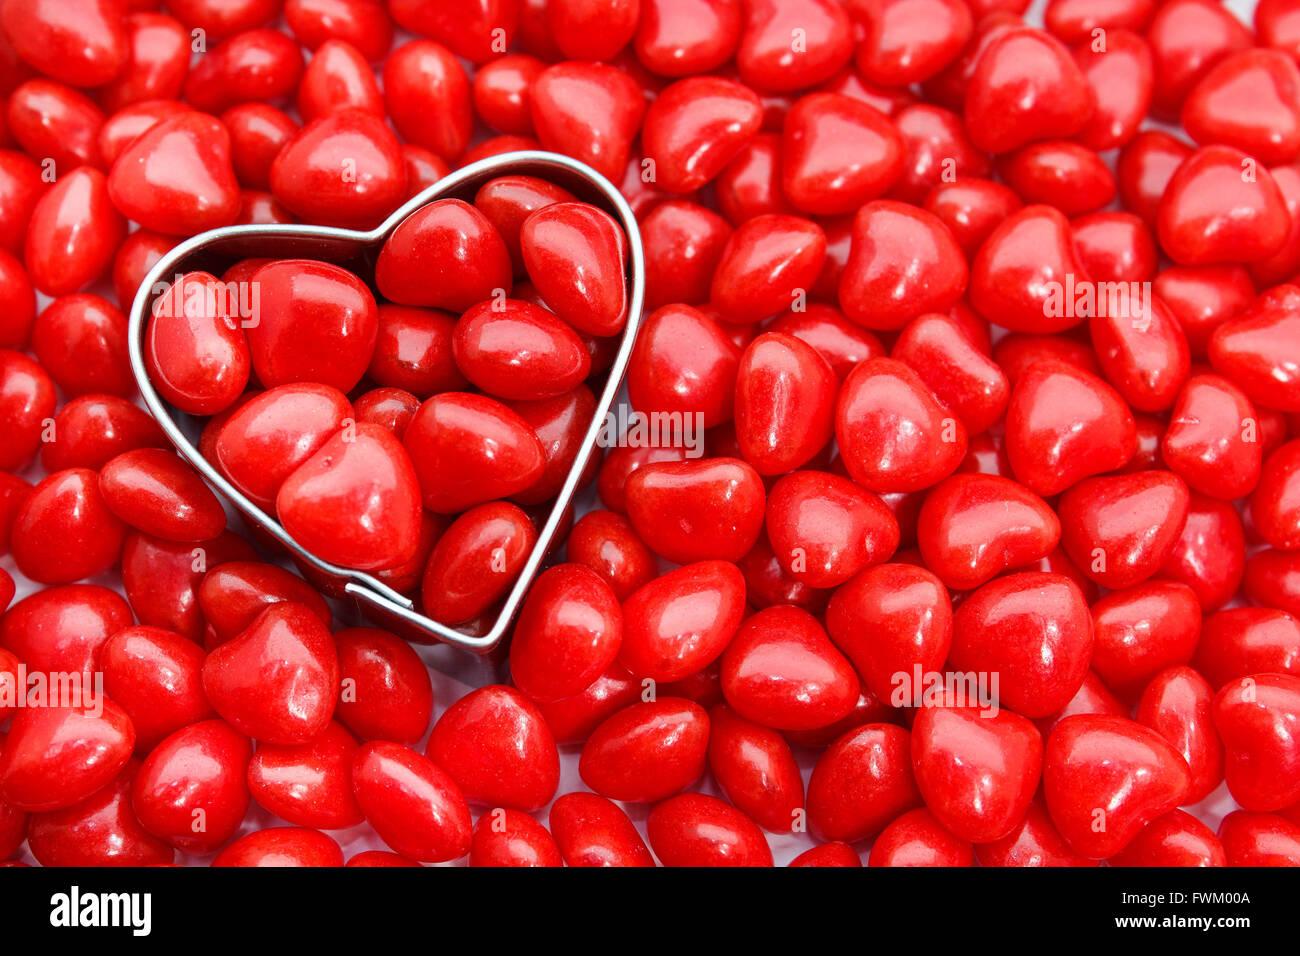 Directamente encima de tiro de pastelería Cortador con forma de corazón rojo alimentos Imagen De Stock